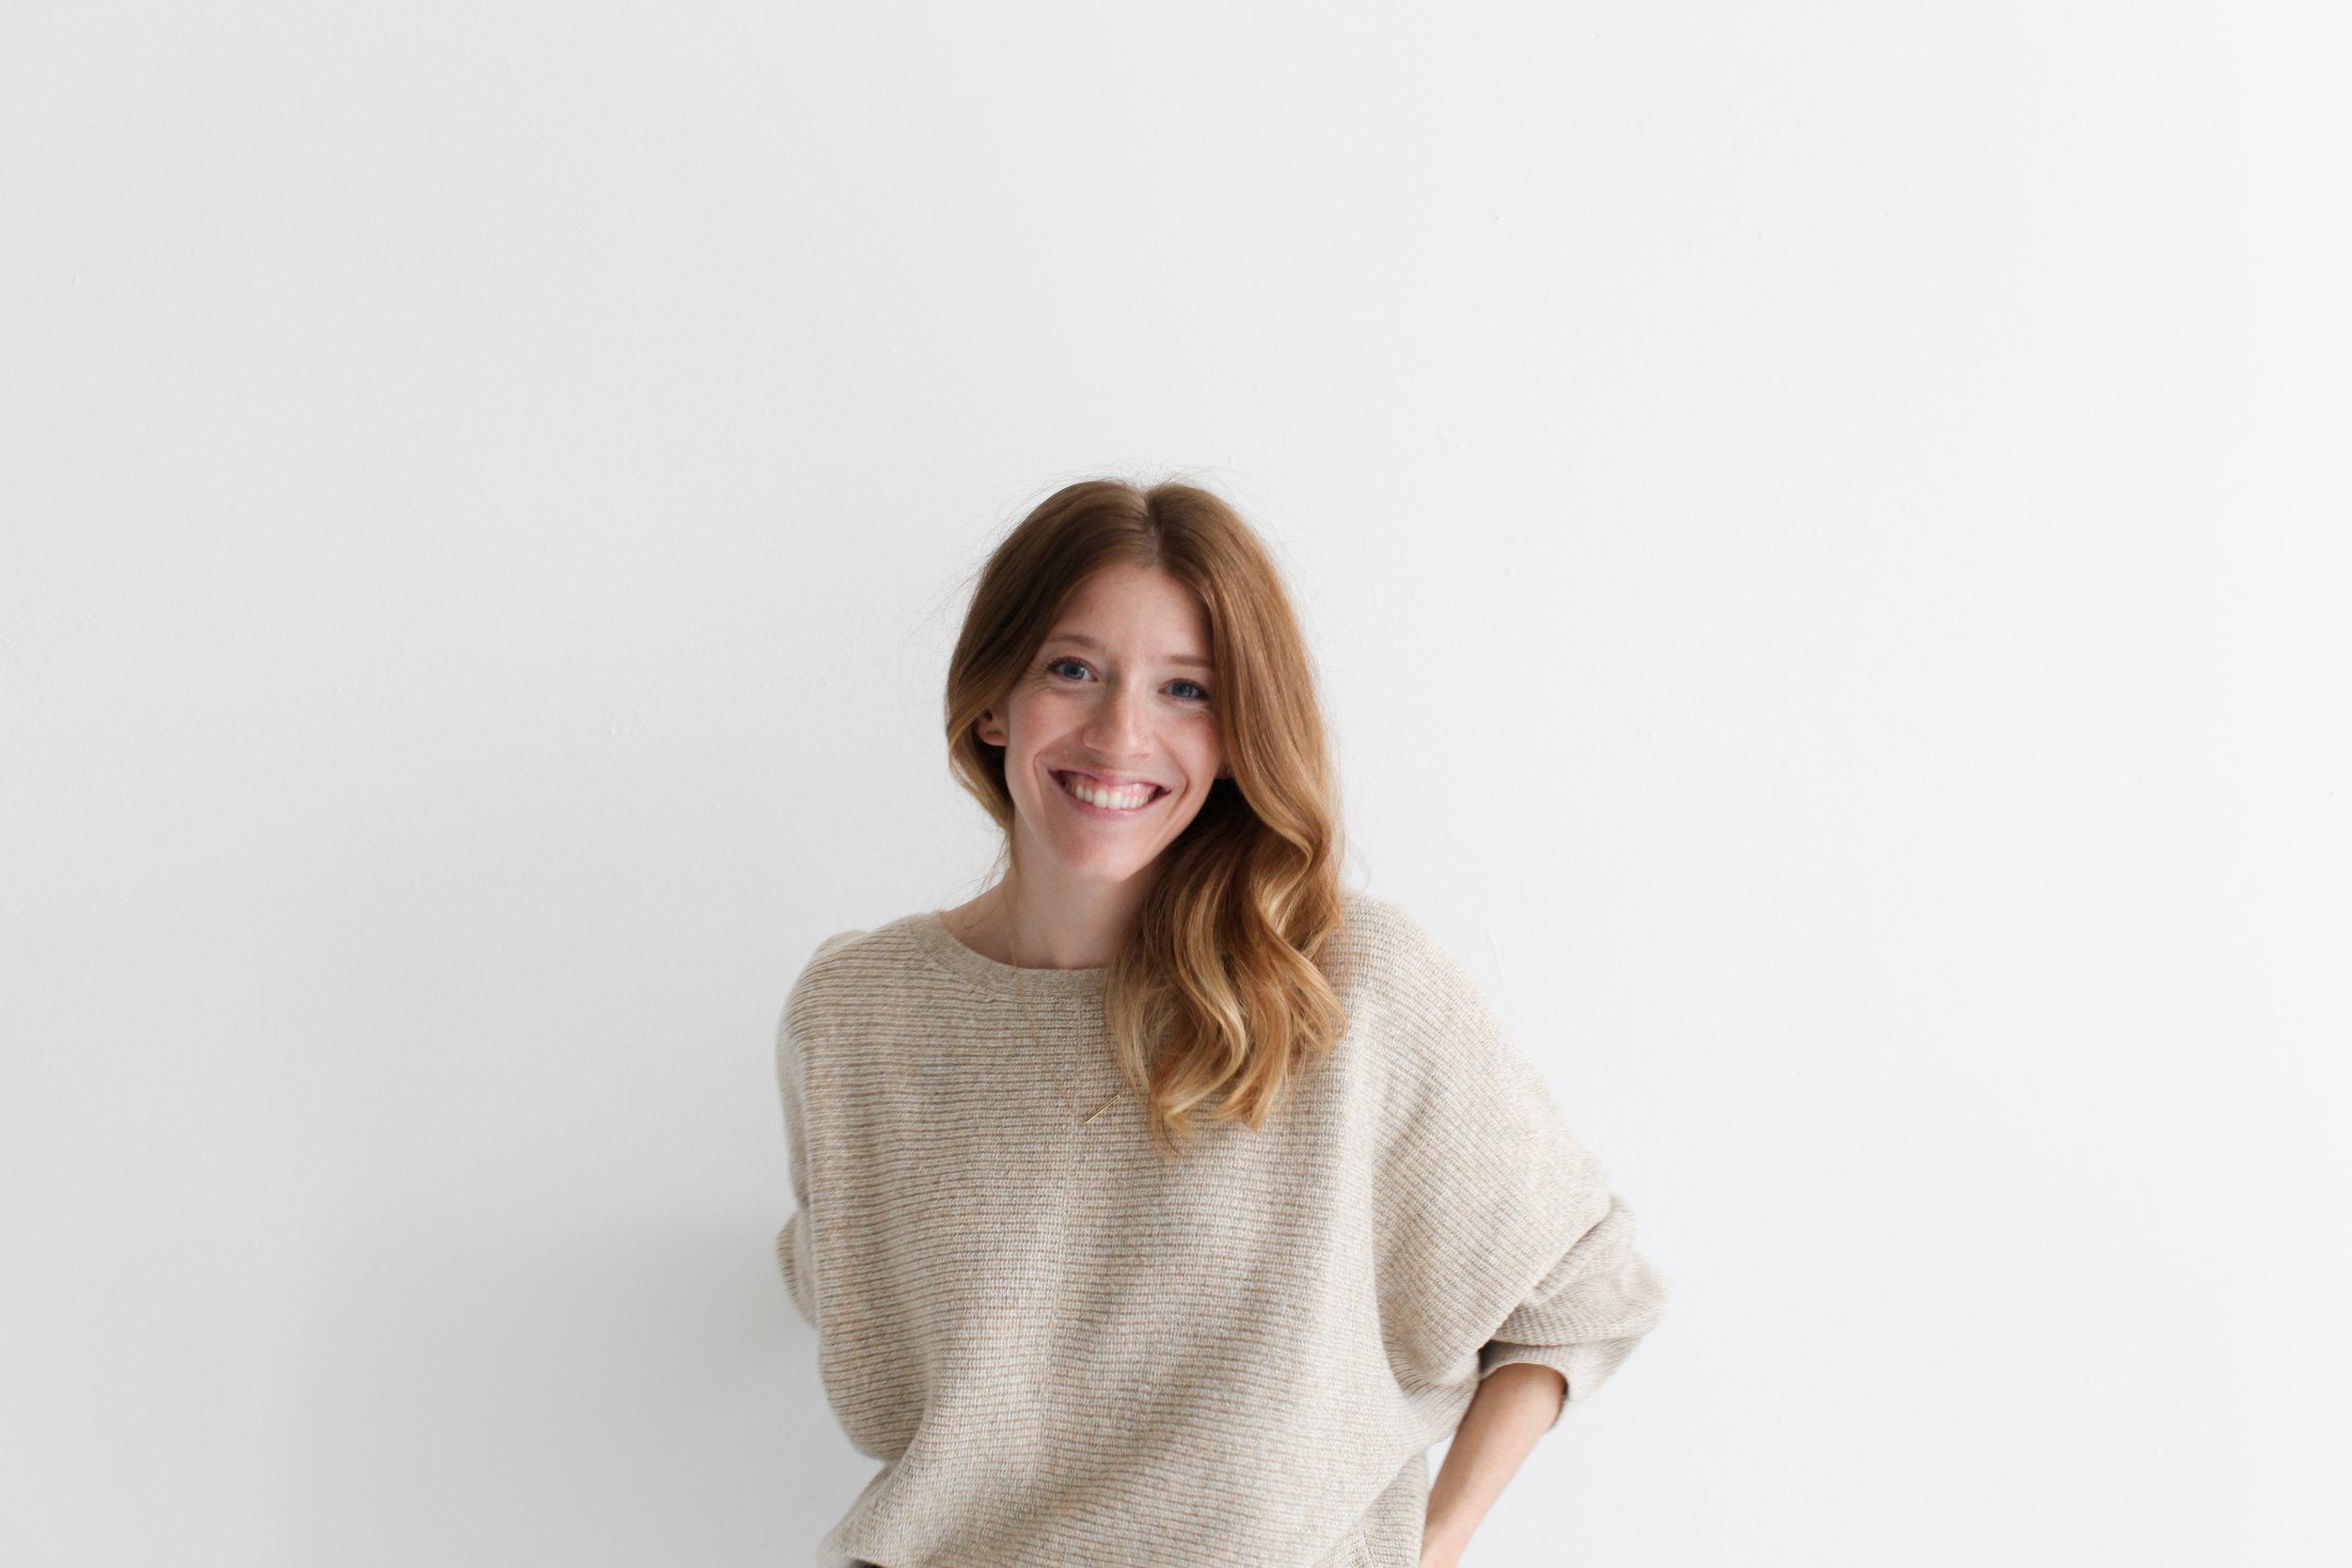 Rachel Loewen